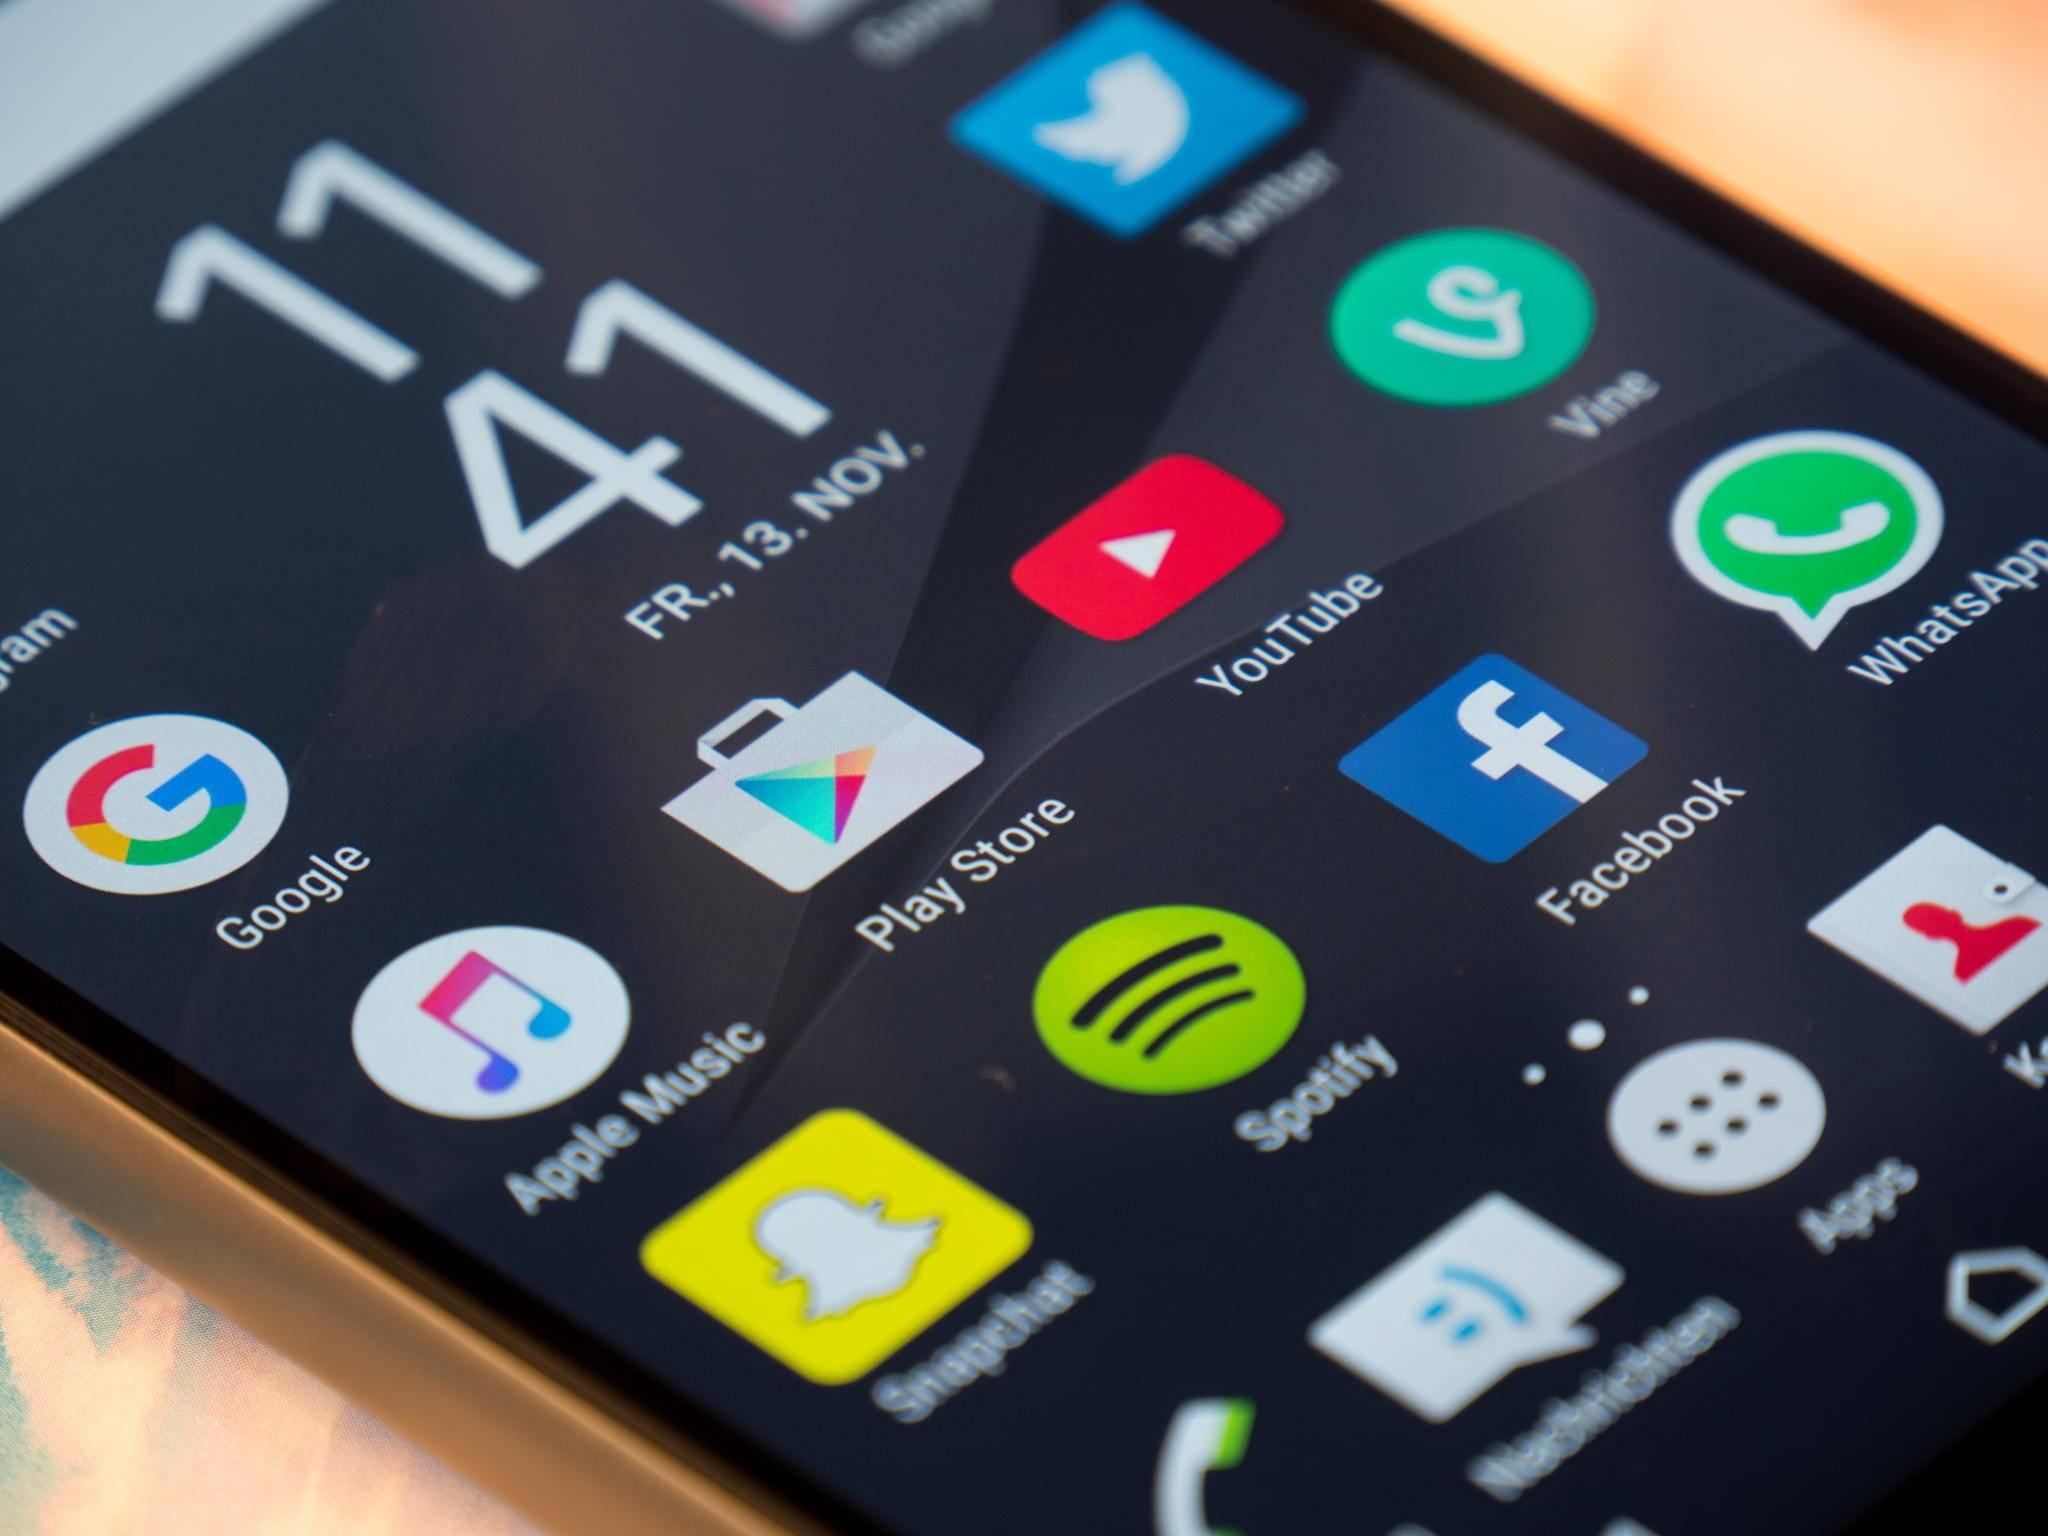 Android Instant Apps könnten die Smartphone-Nutzung grundlegend verändern.